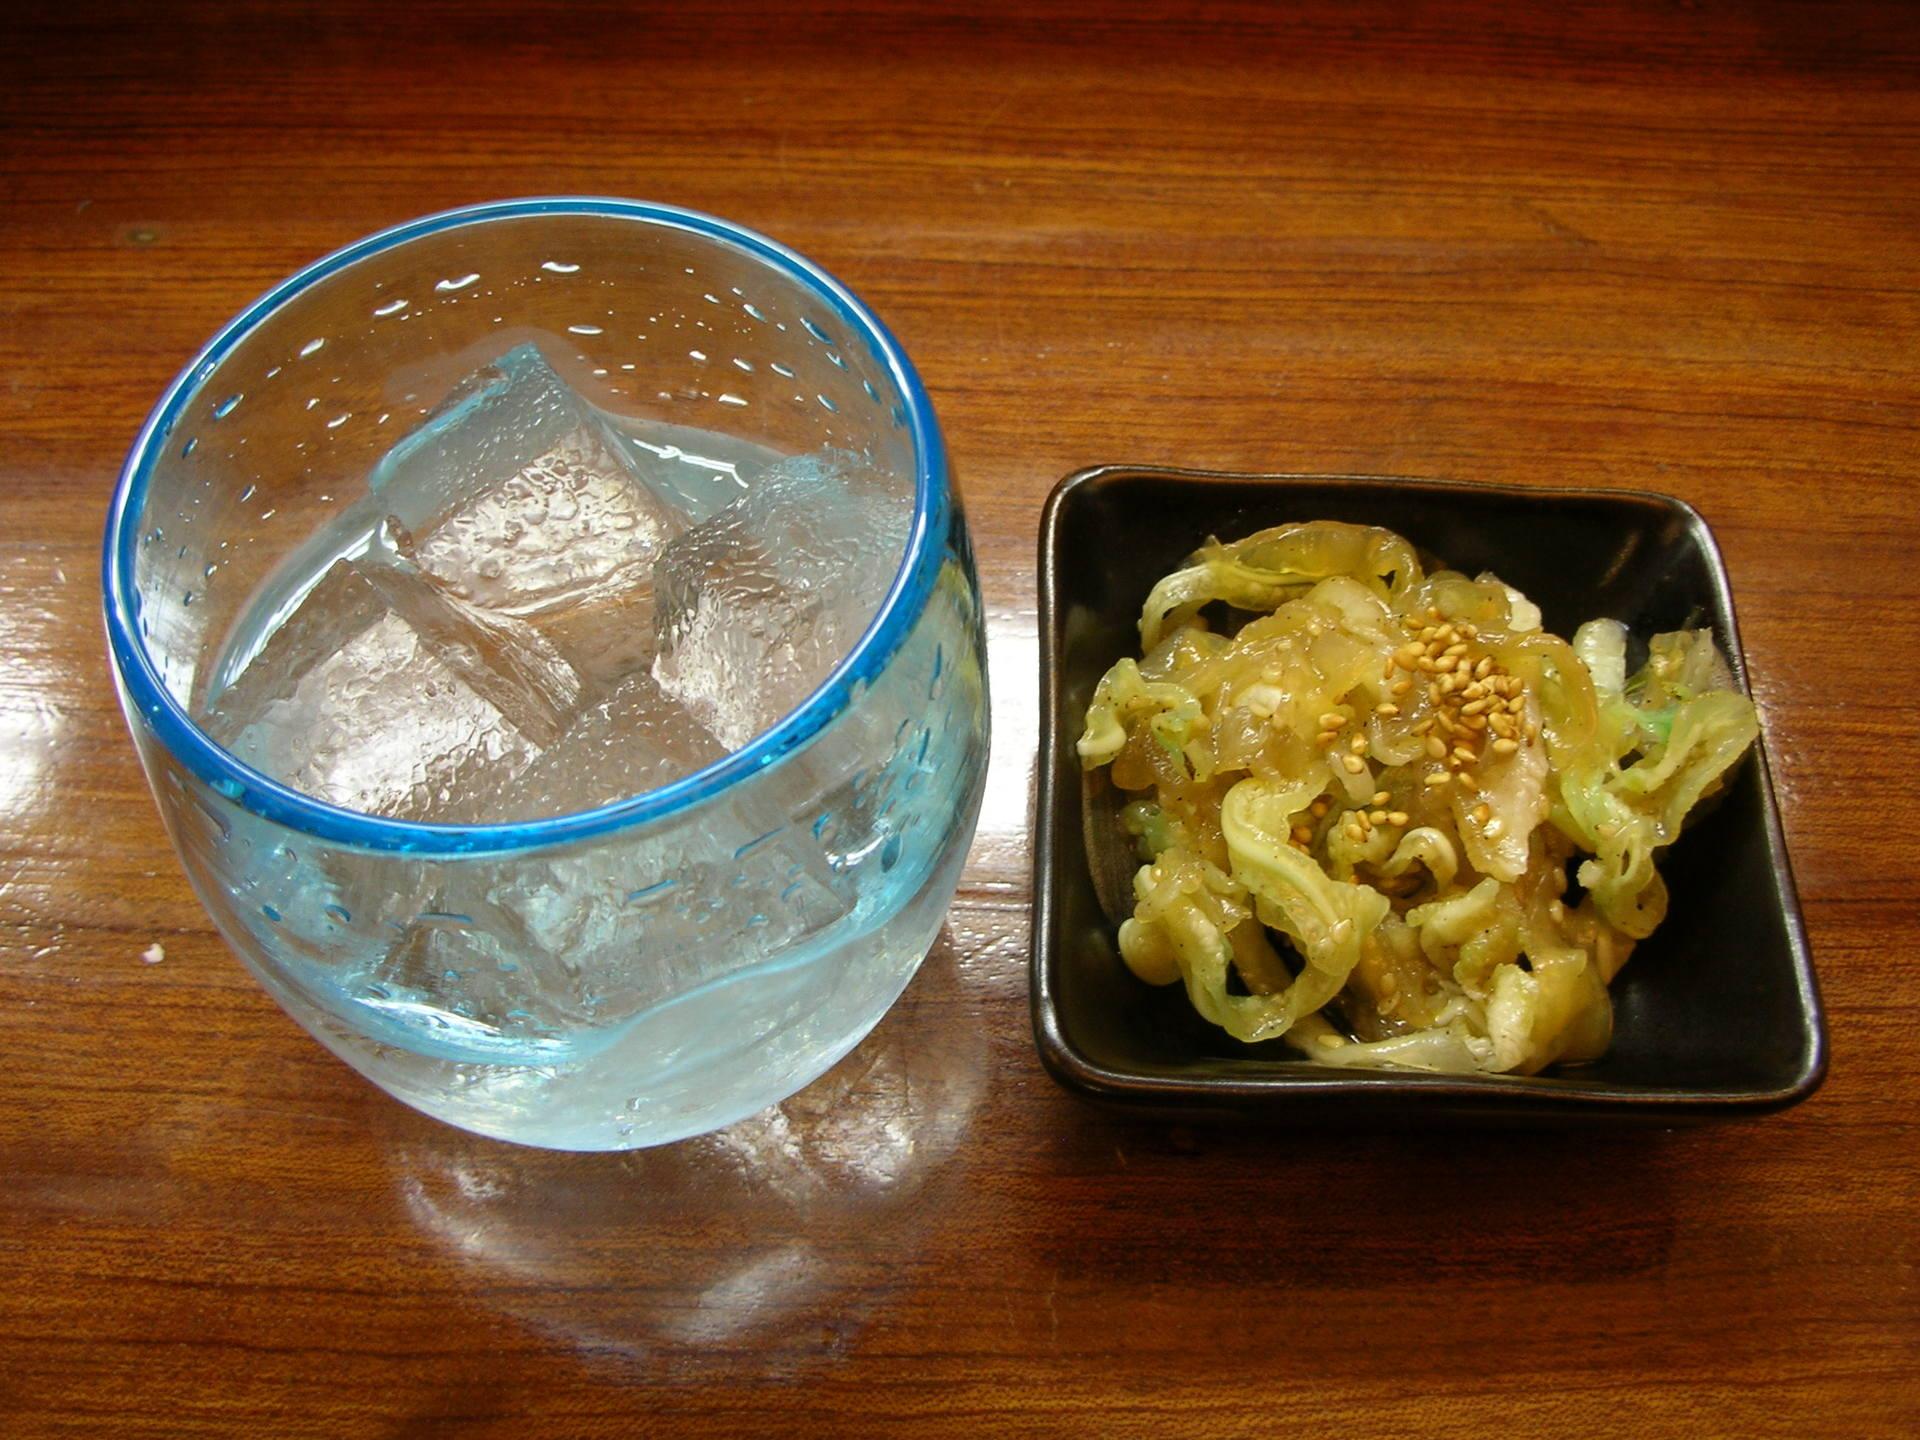 沖縄料理 夕凪